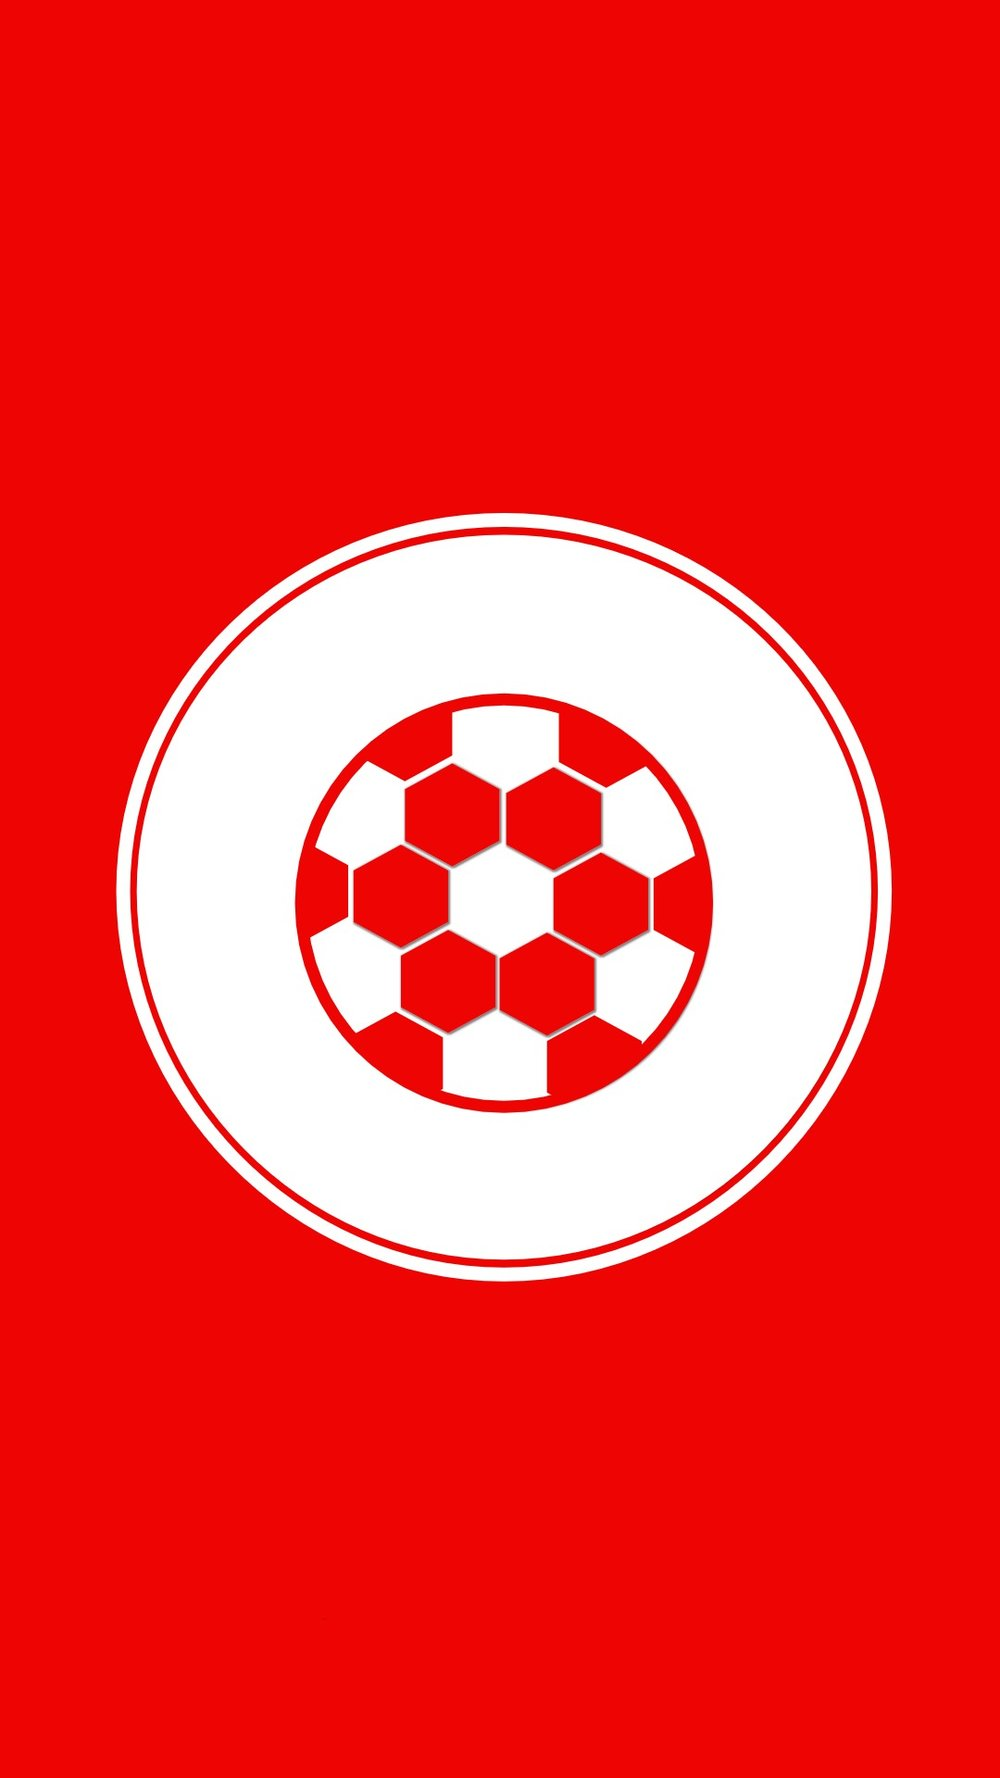 Instagram-cover-ball-red-lotnotes.com.jpg